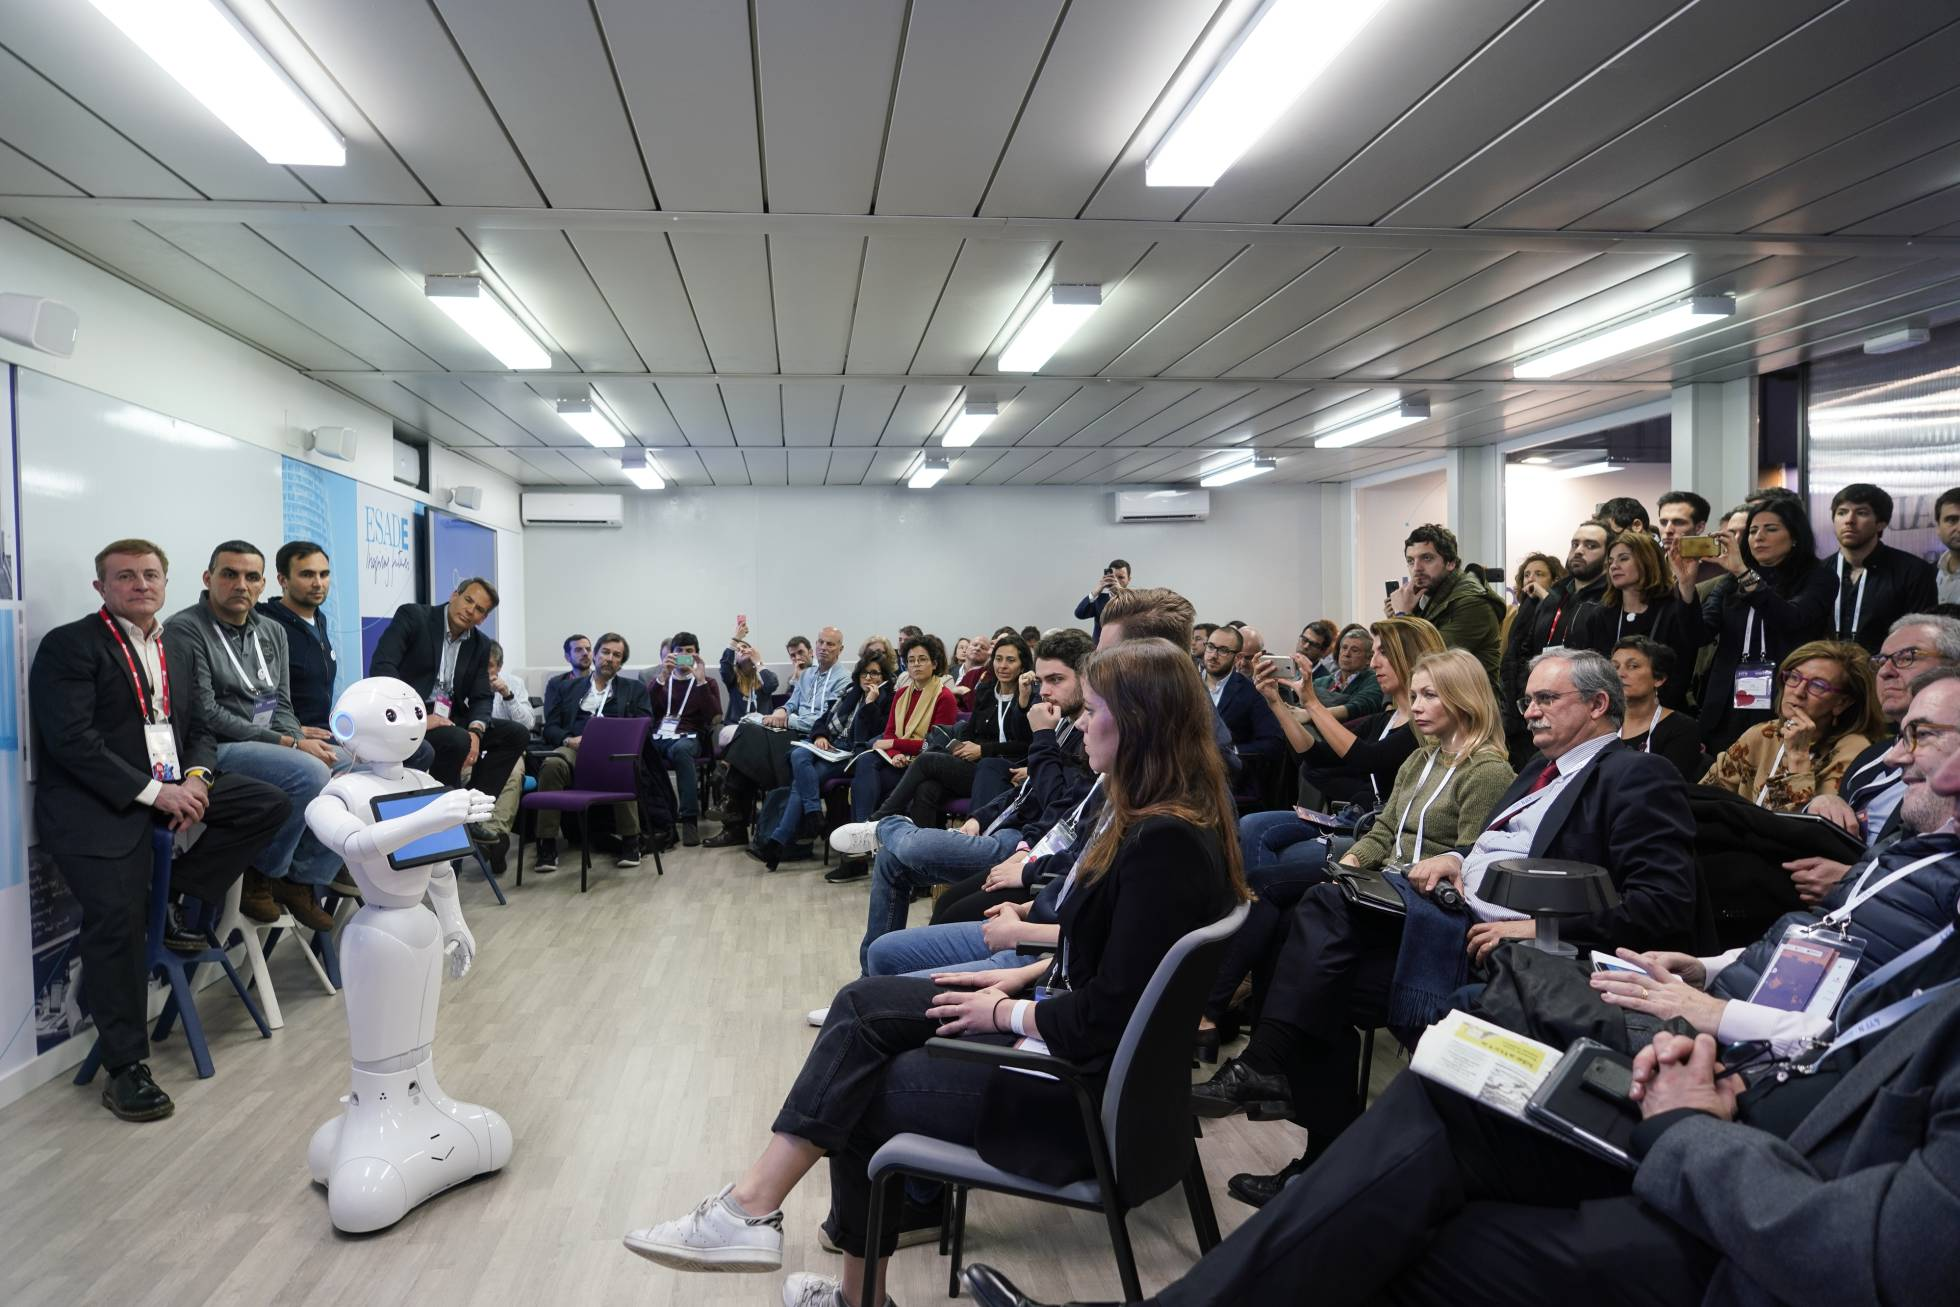 Increíble Mba Estudiantes Reanudar Colección de Imágenes - Ejemplo ...